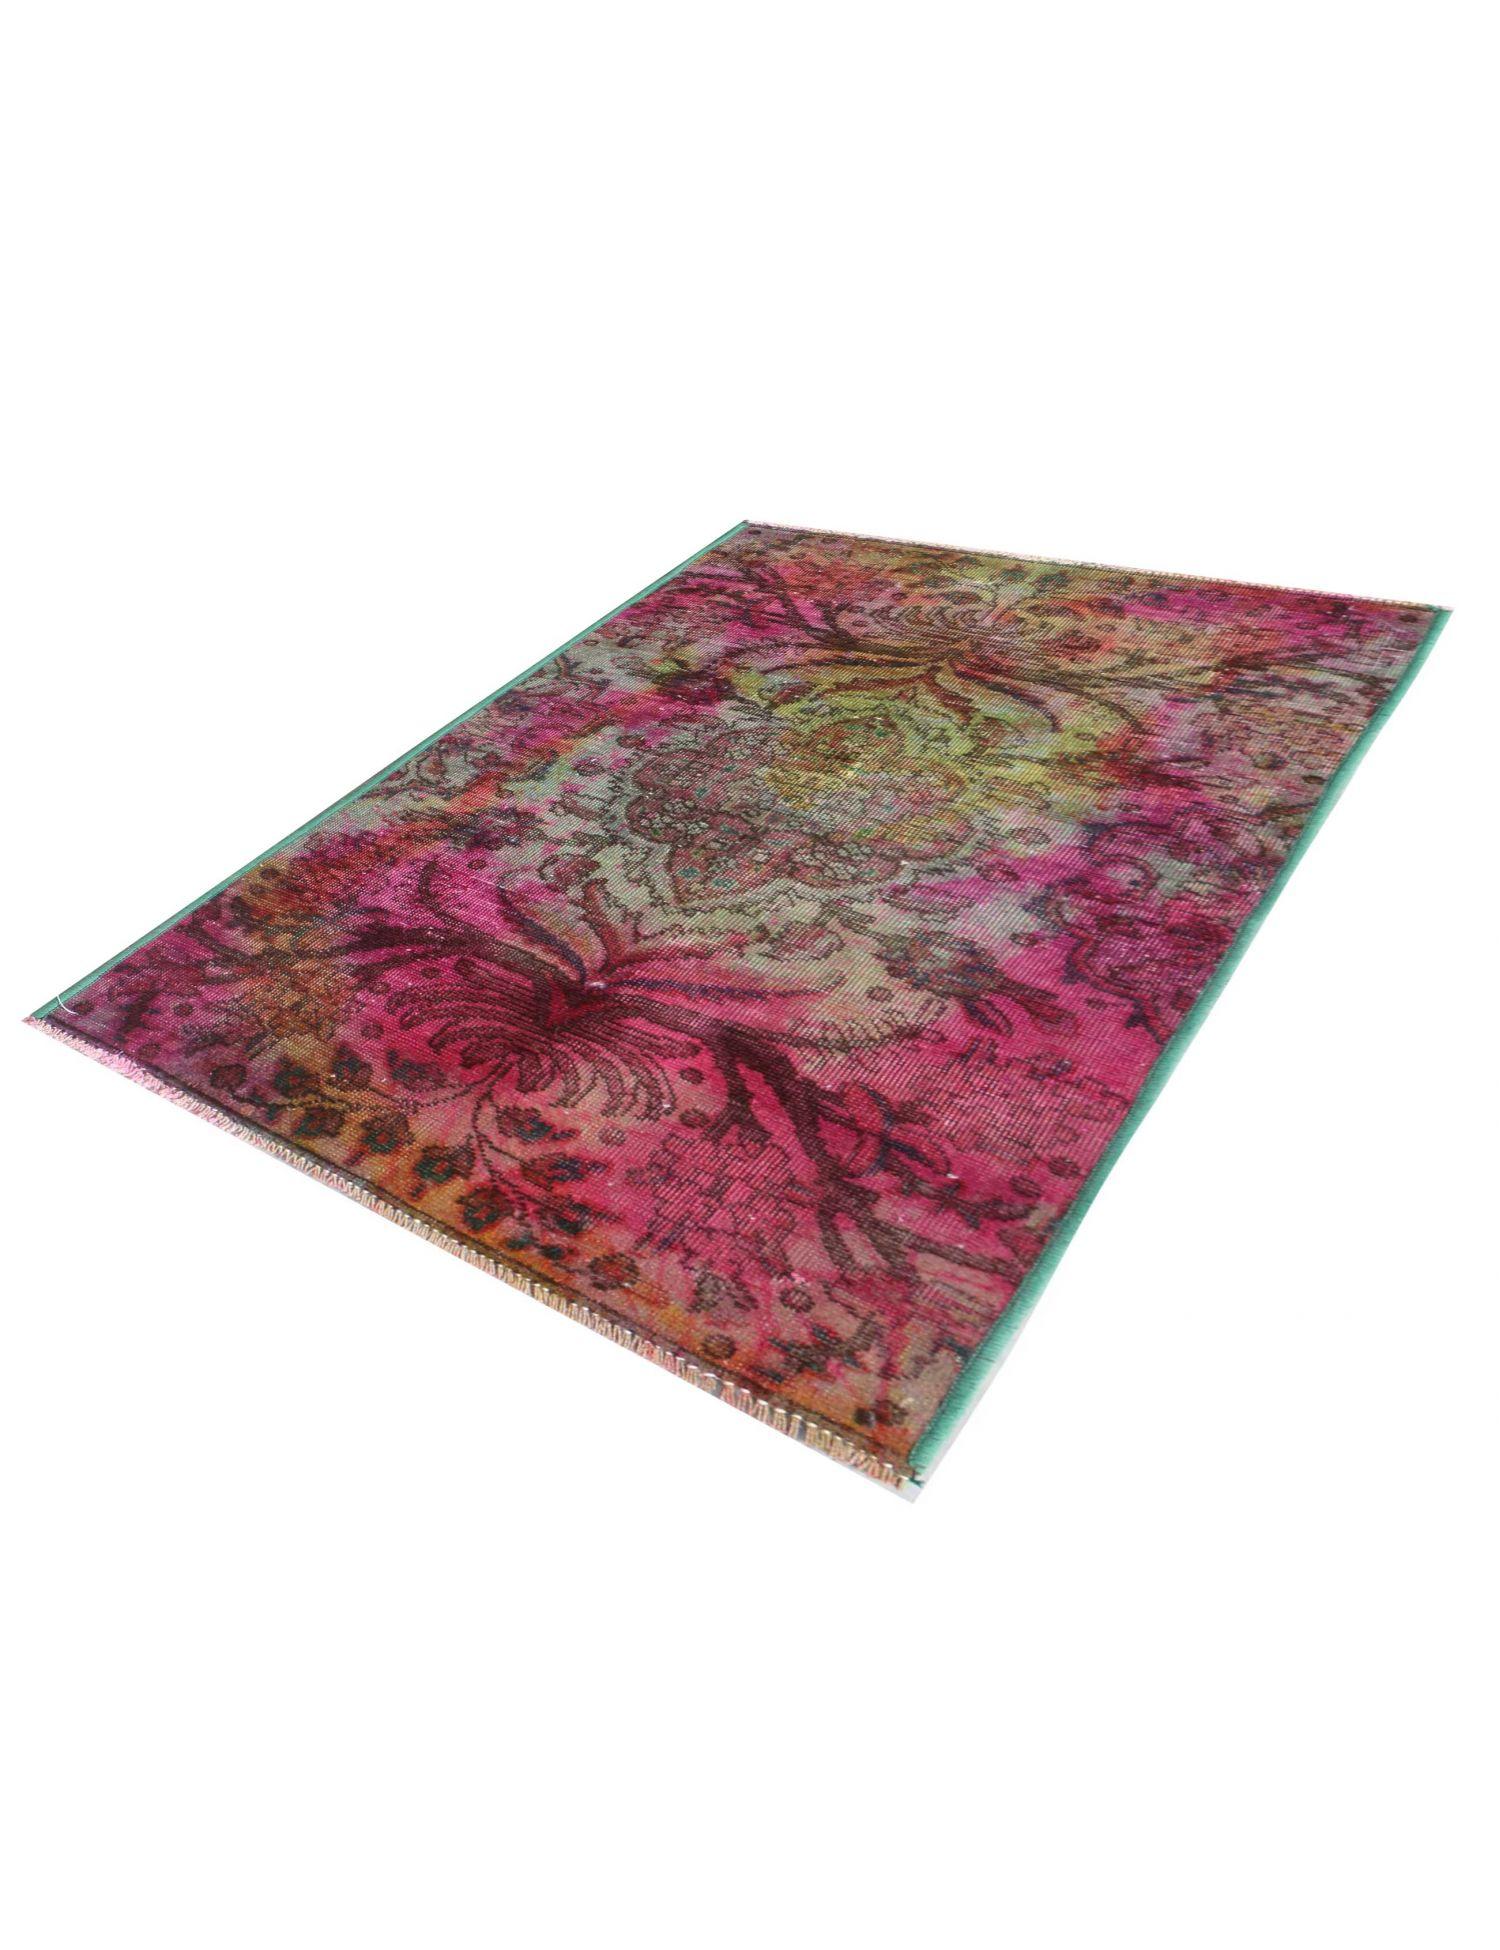 Vintage Perserteppich  mehrfarbig <br/>120 x 74 cm